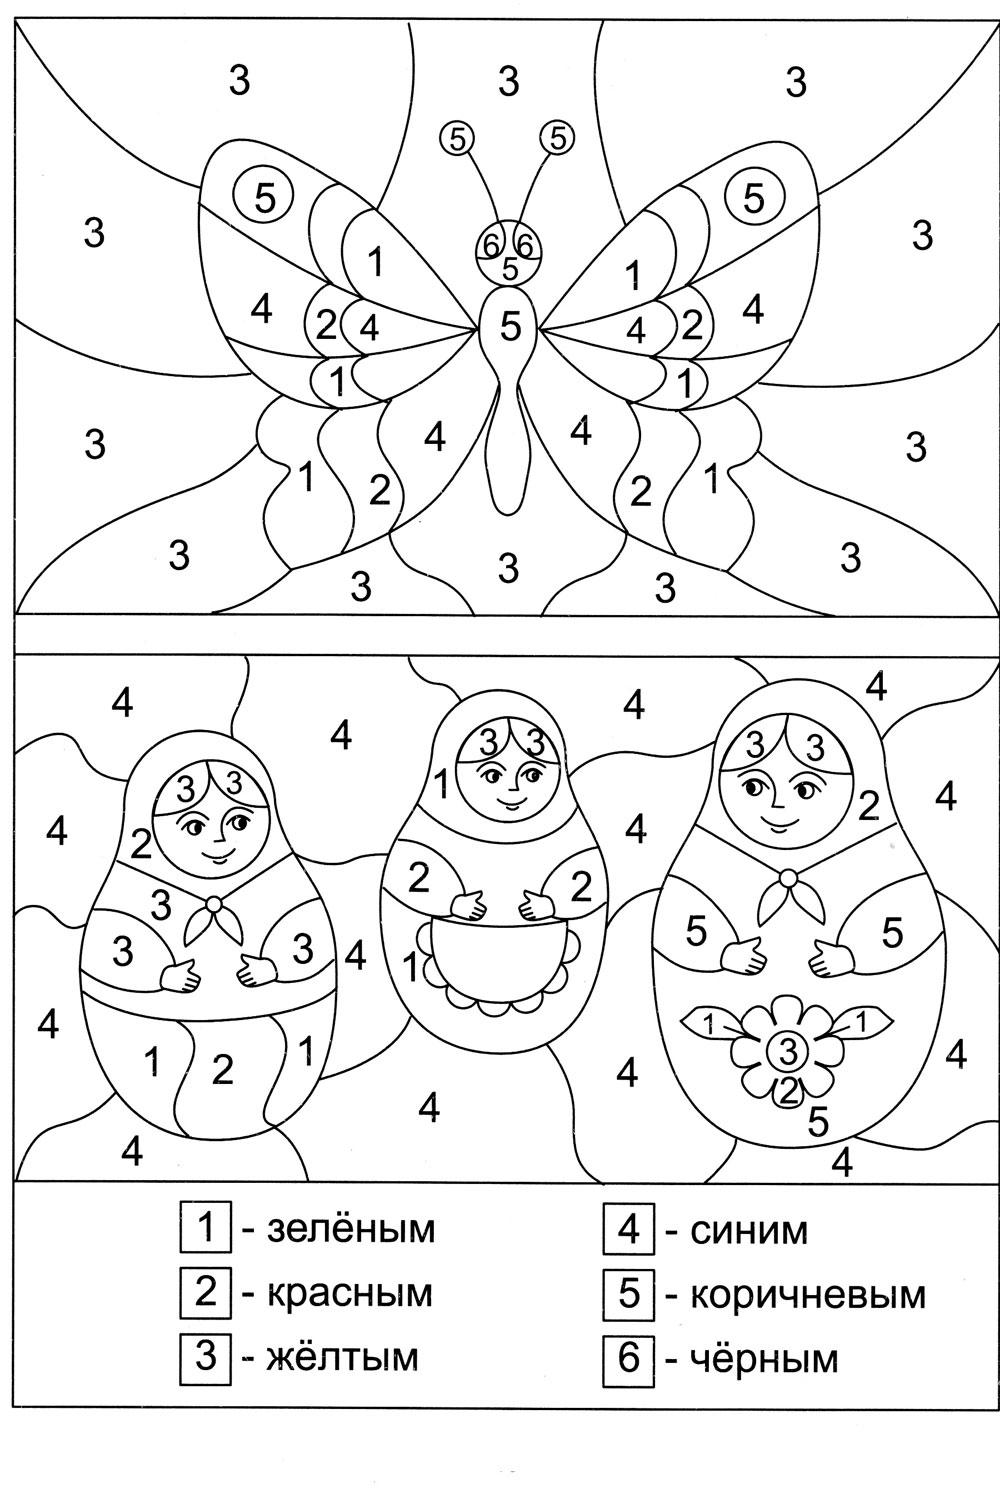 Раскраска английских алфавитов